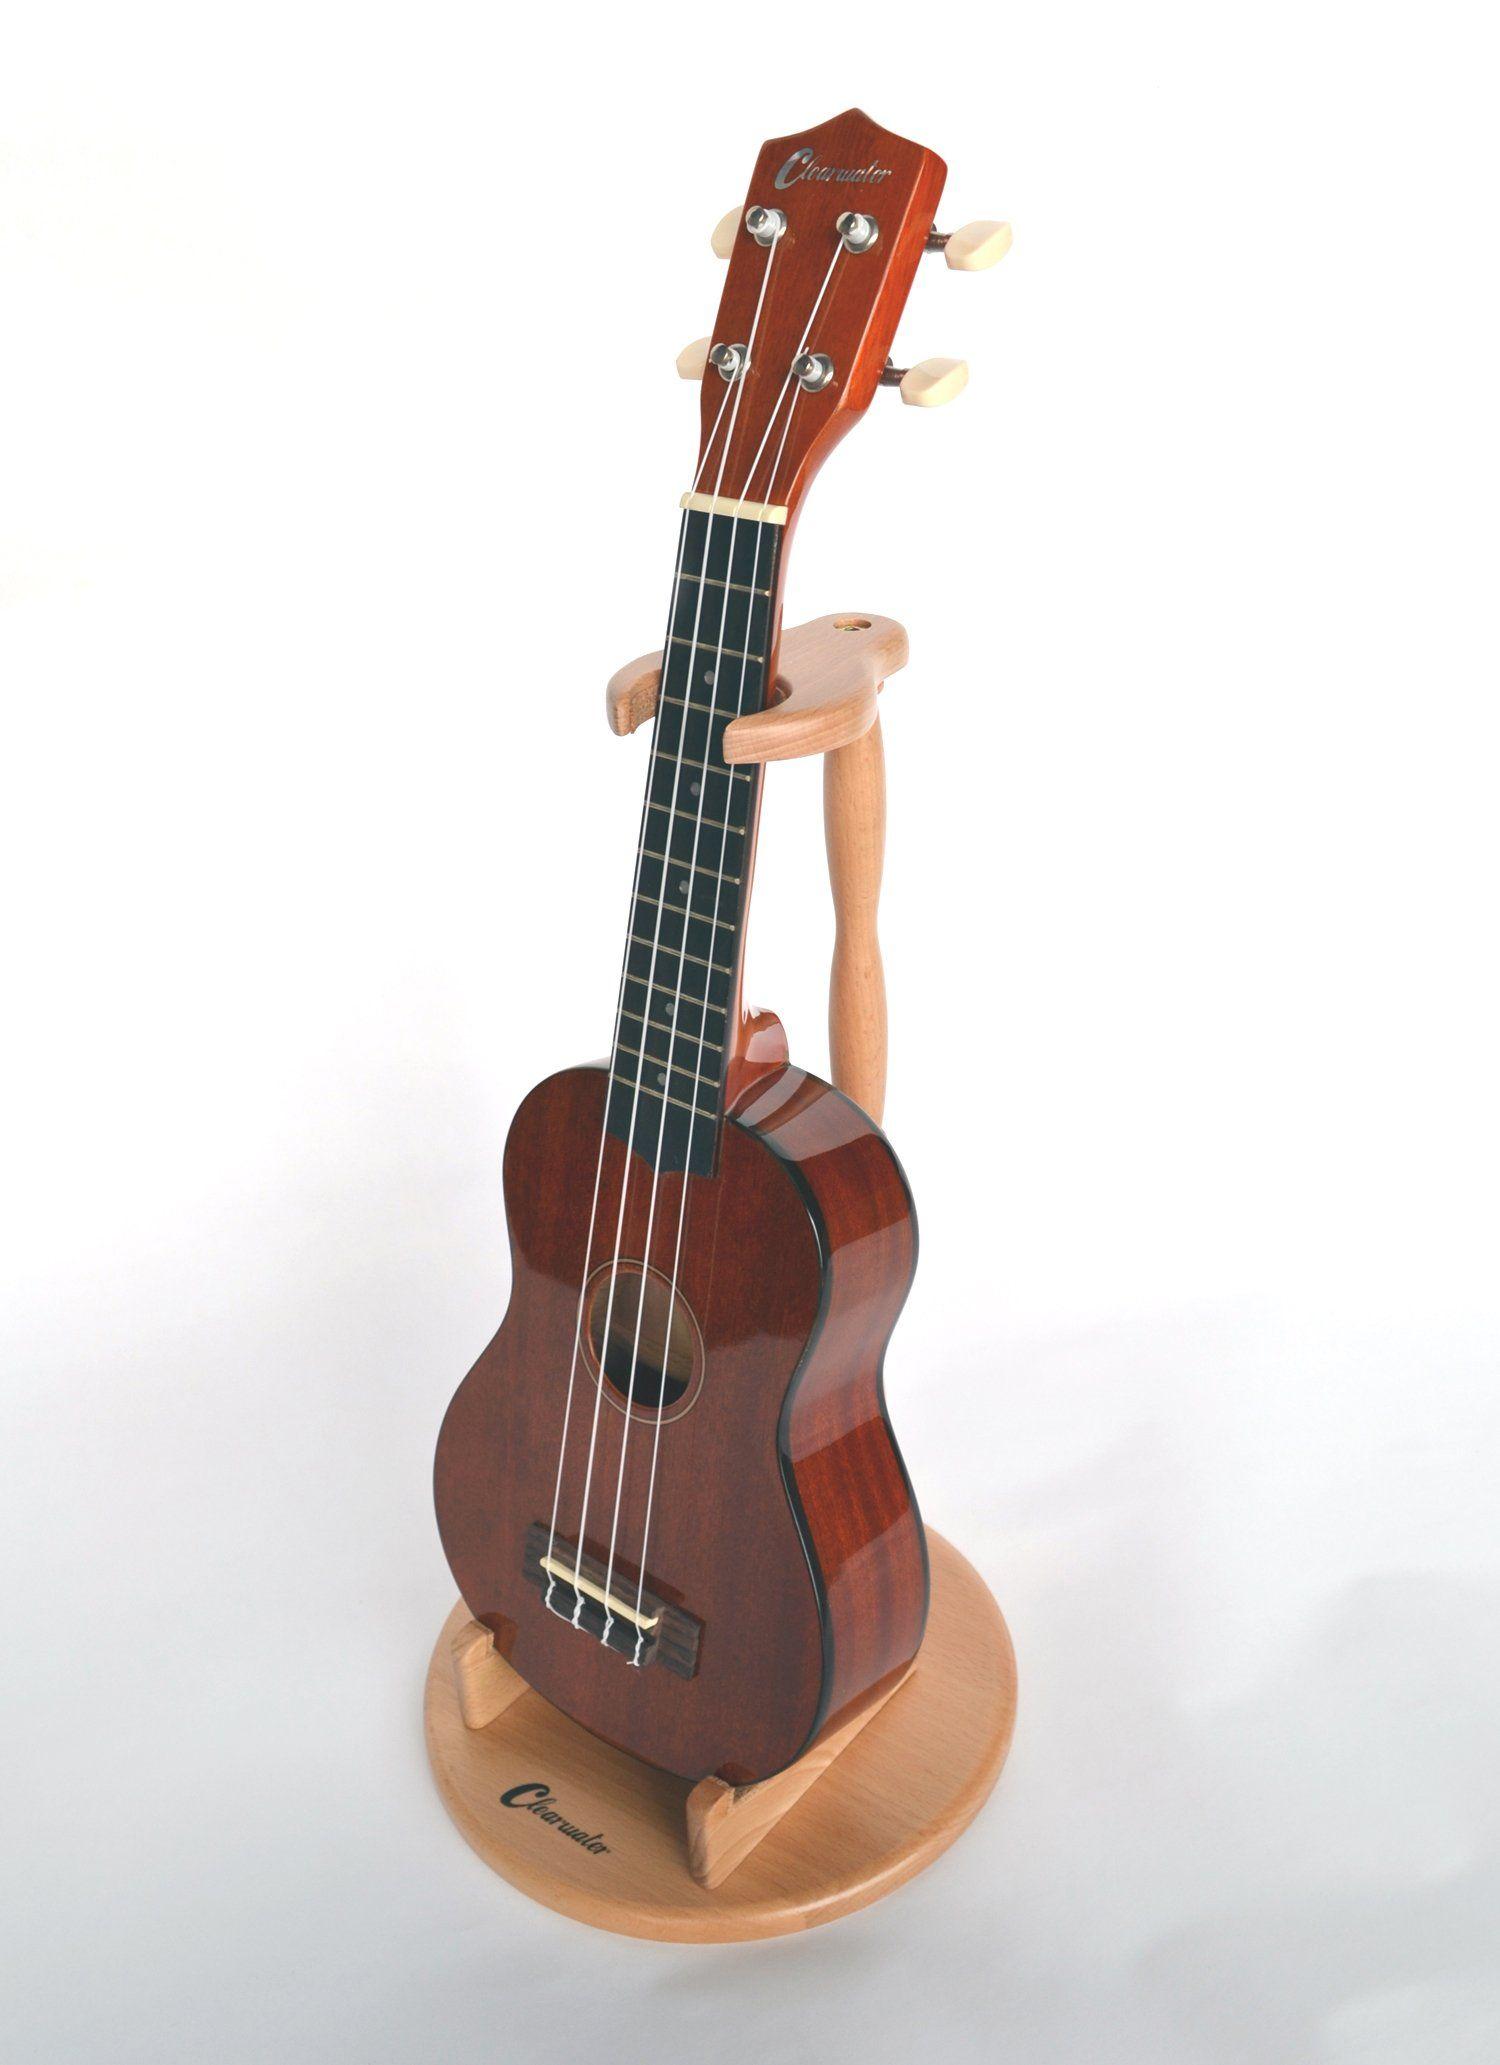 ukulele stand for soprano concert tenor size ukuleles violin and mandolin solid beech. Black Bedroom Furniture Sets. Home Design Ideas